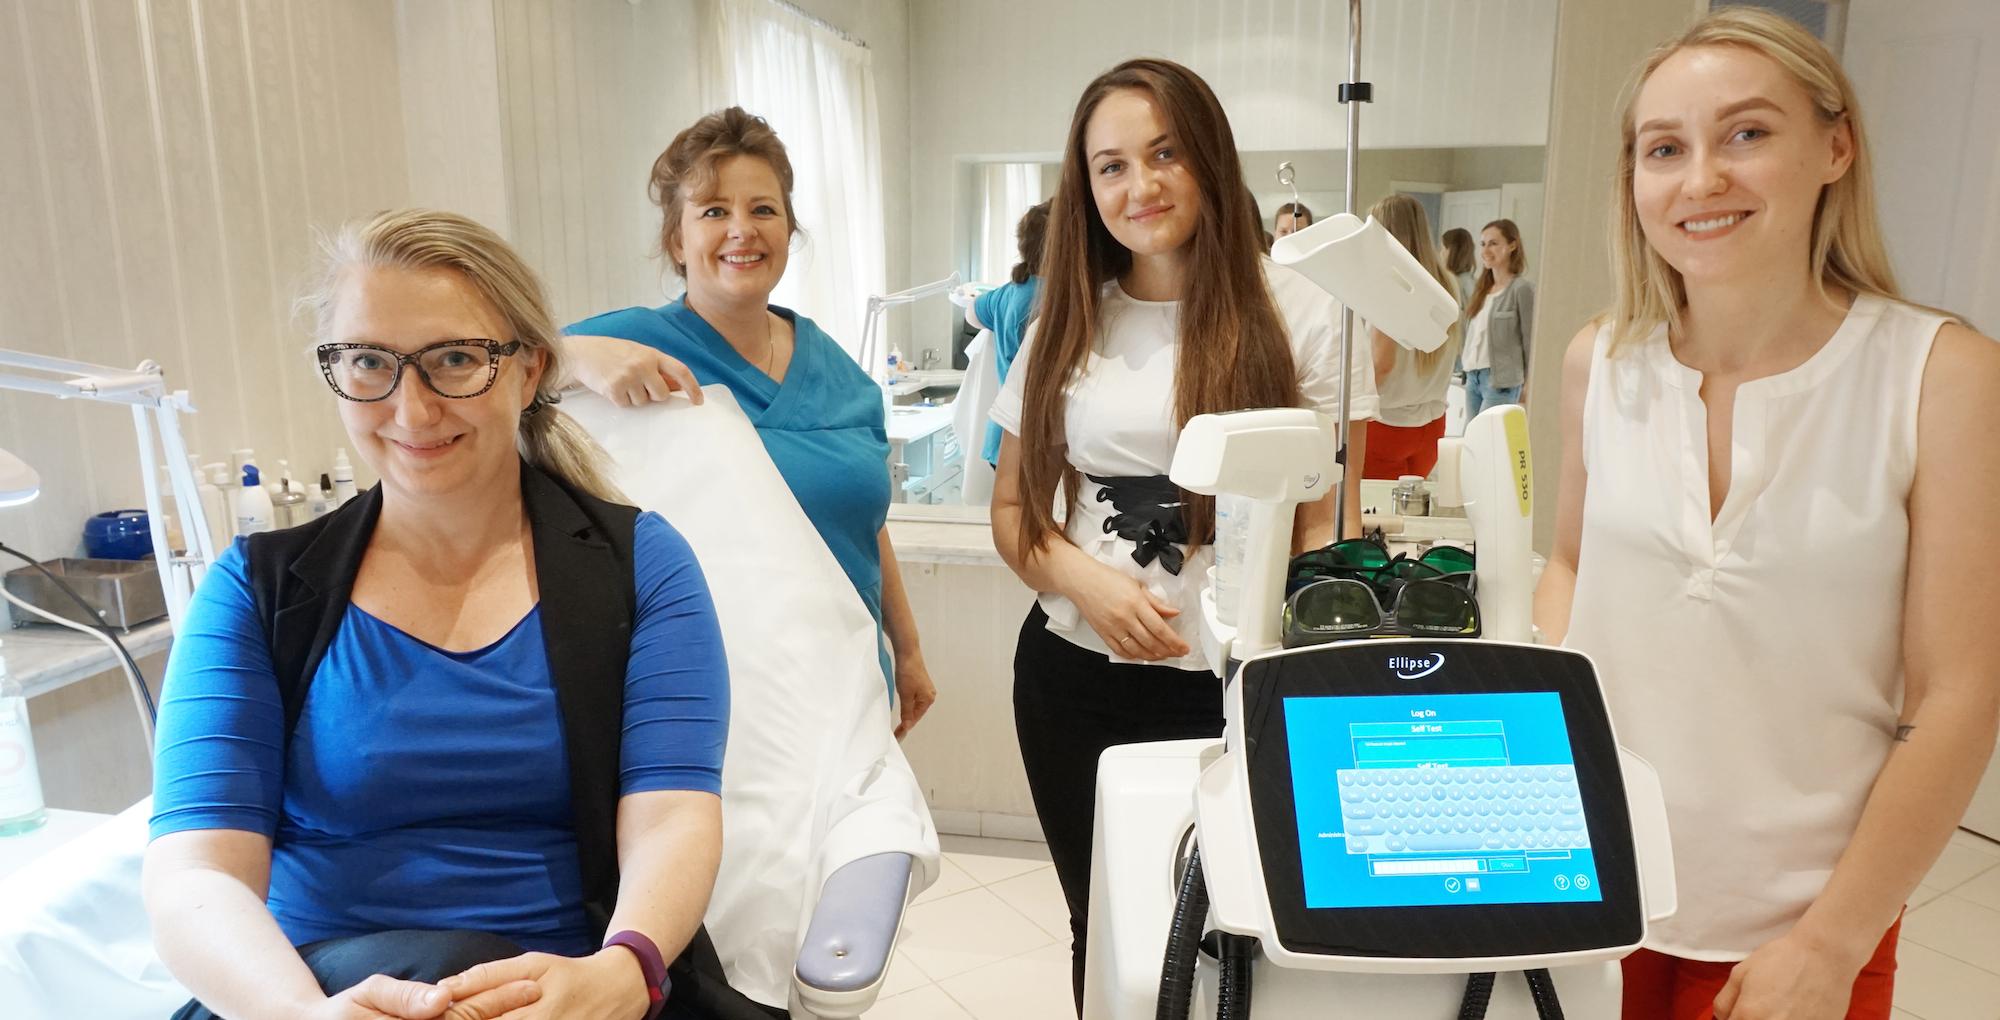 Uus IPL laserravi aparaat Medemises